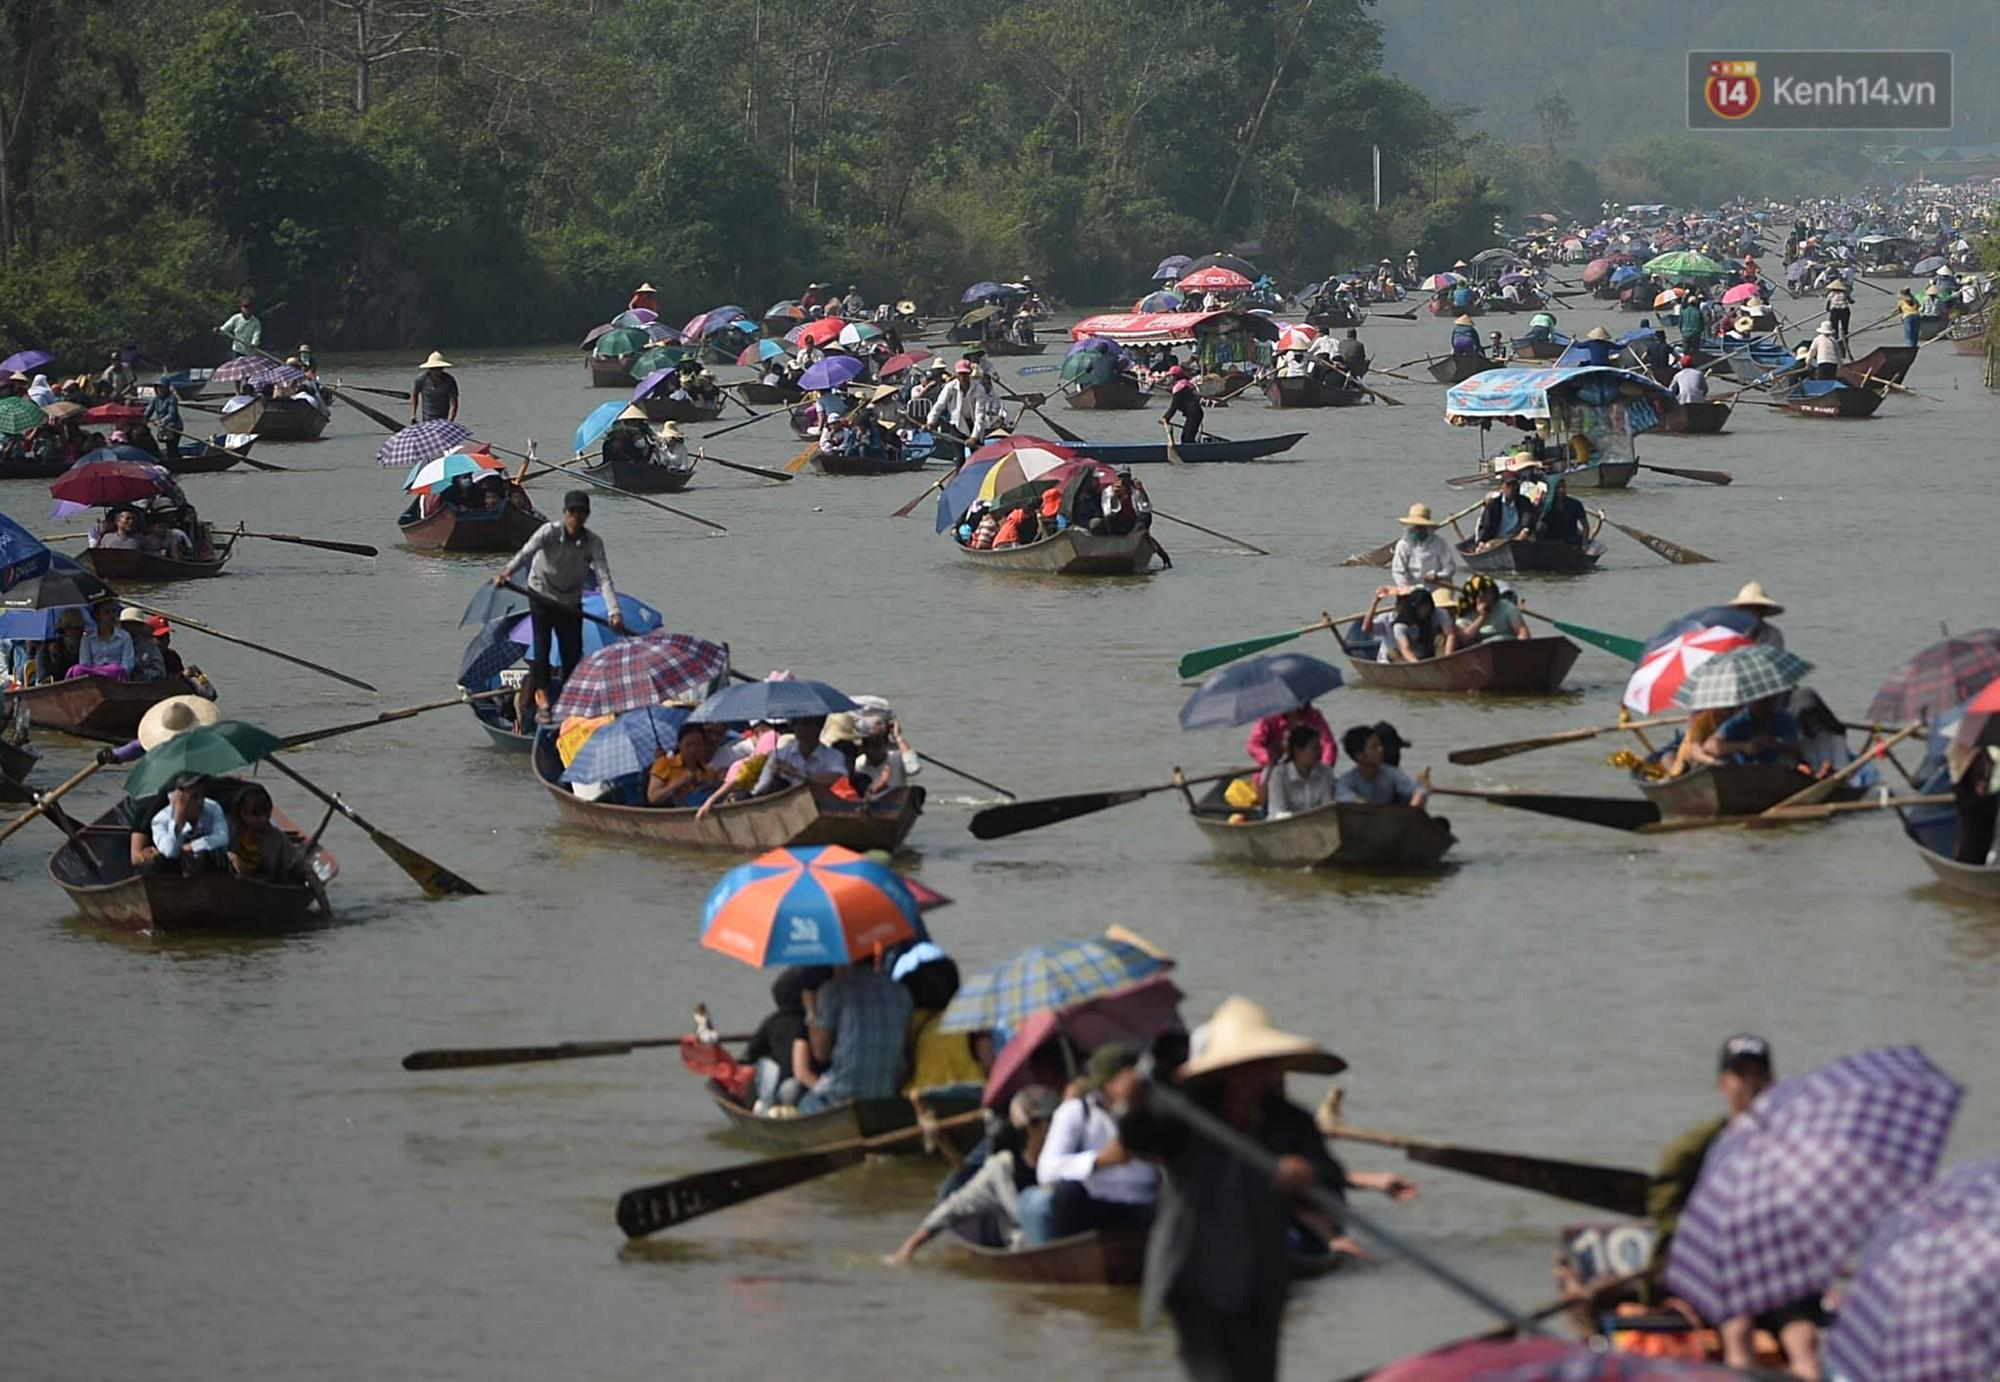 Gần 5 vạn du khách đổ về Chùa Hương trước một ngày khai hội - Ảnh 1.